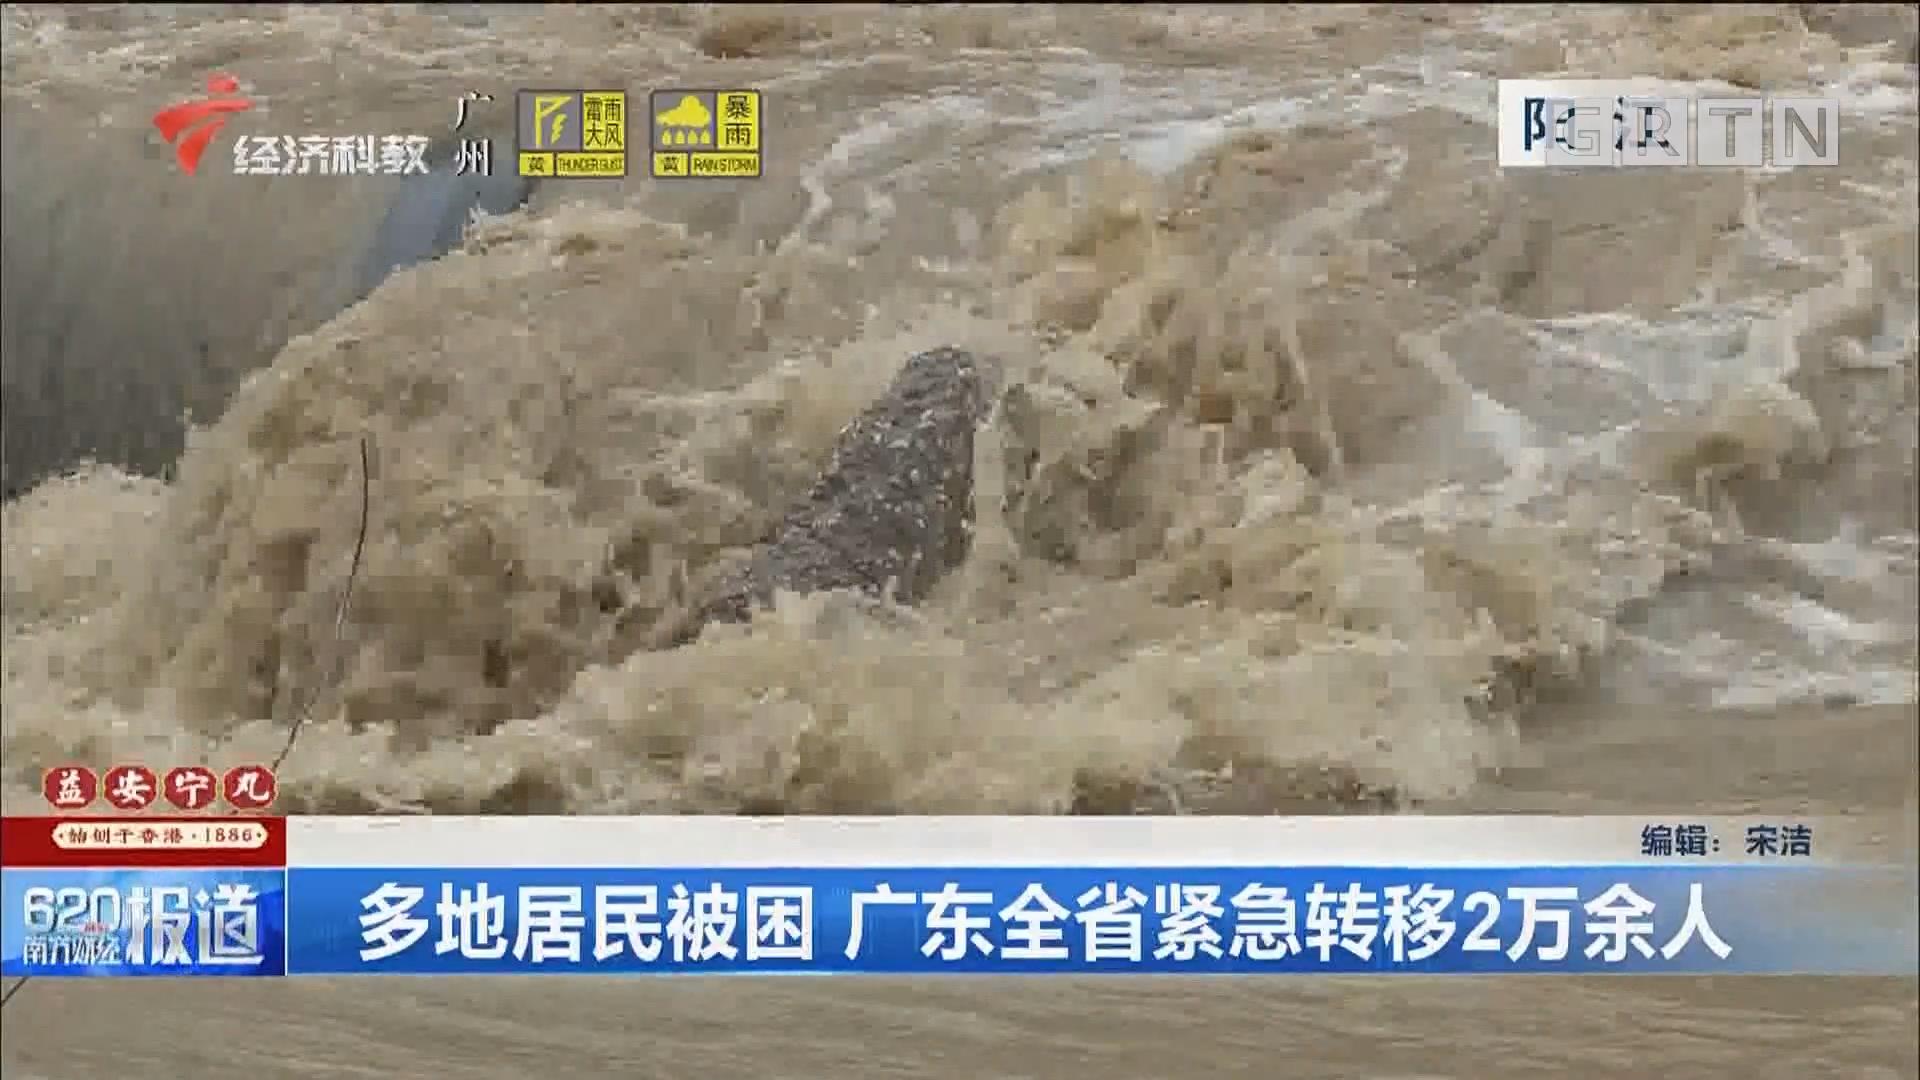 多地居民被困 广东全省紧急转移2万余人